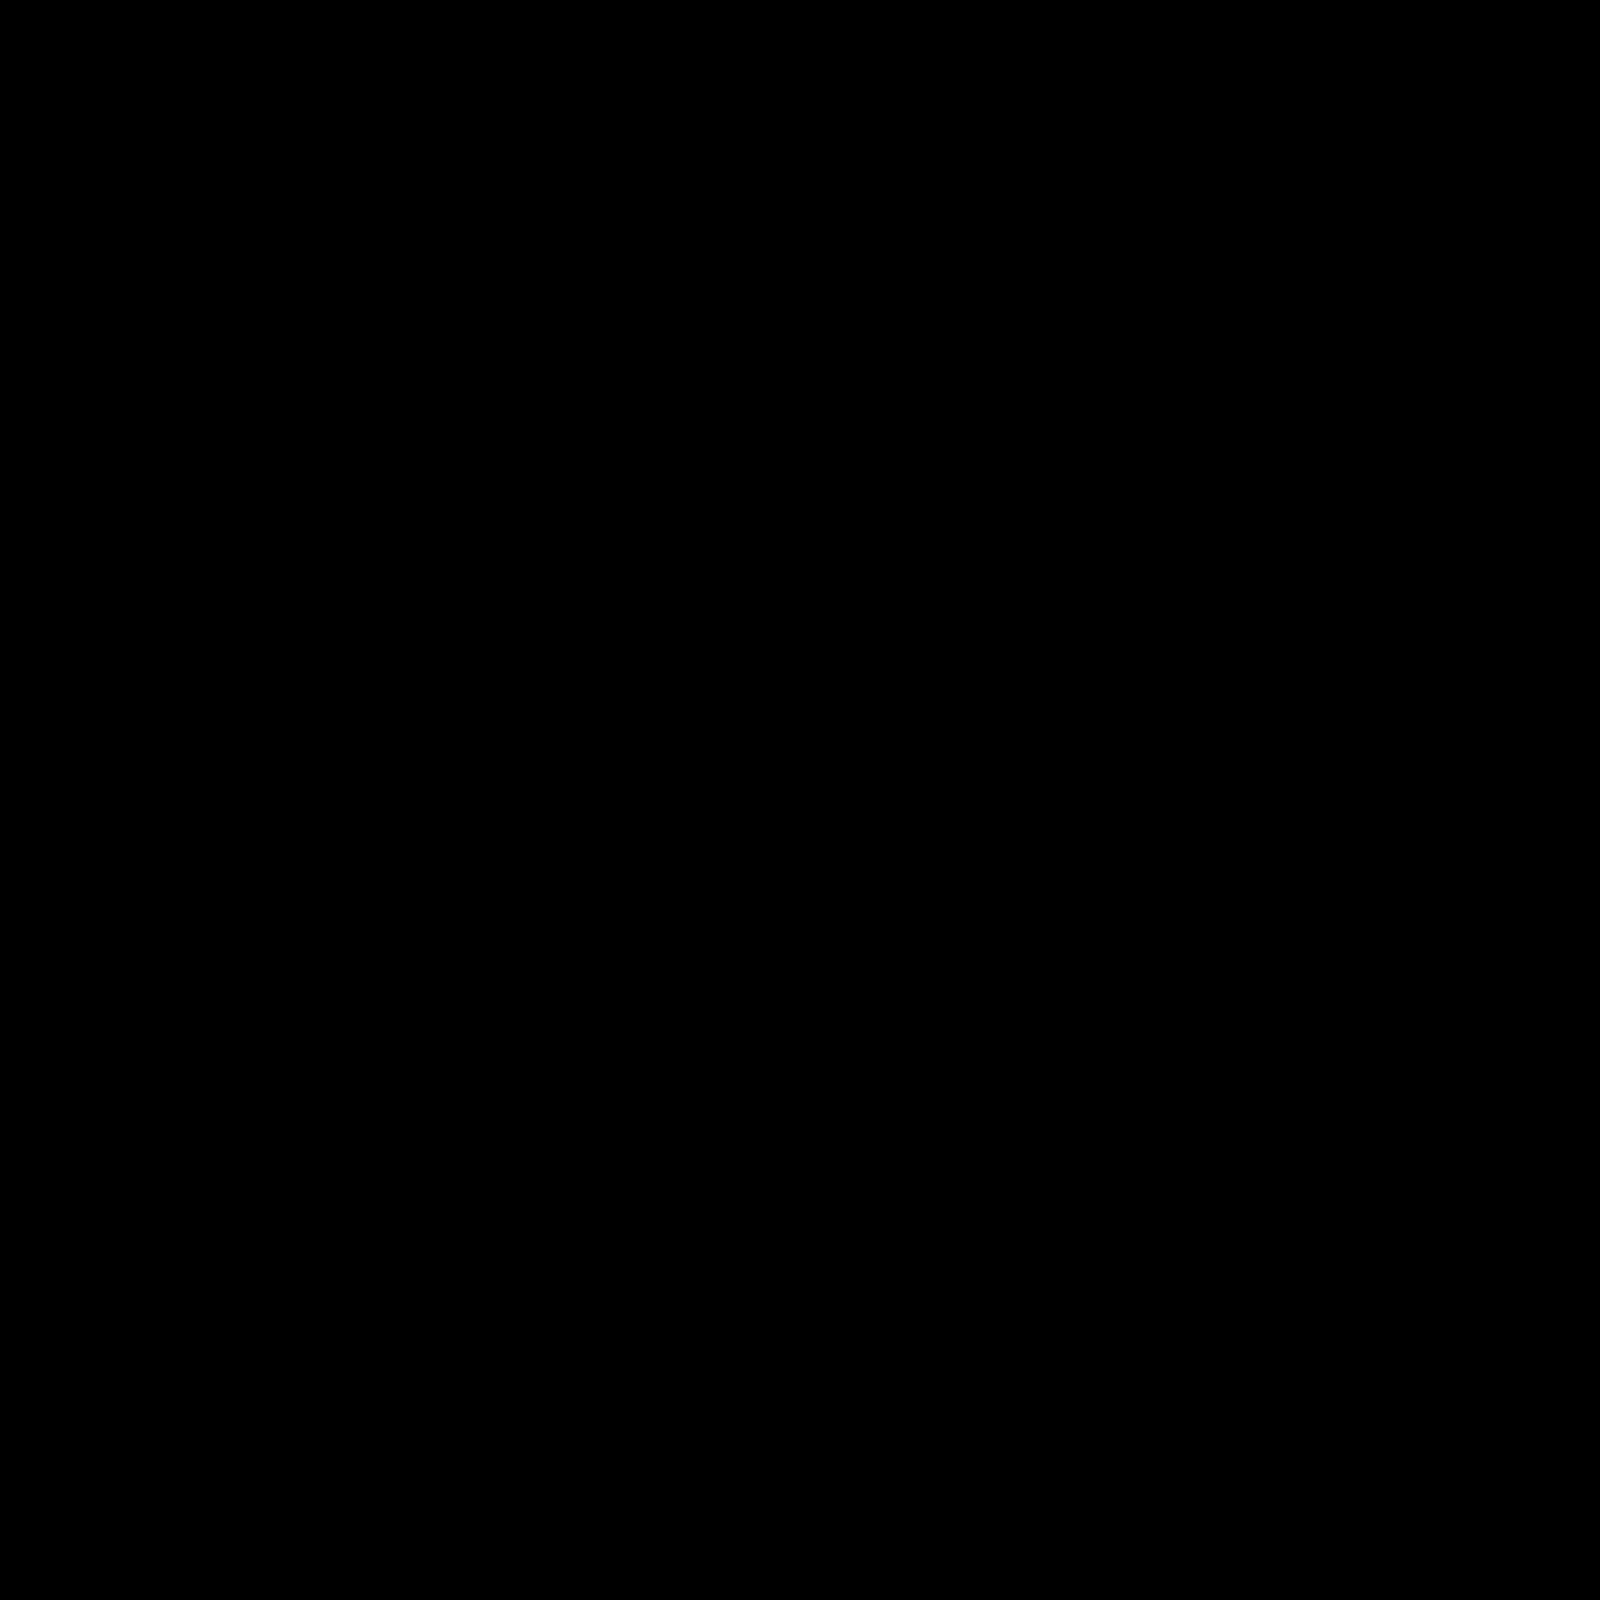 Trompette icon